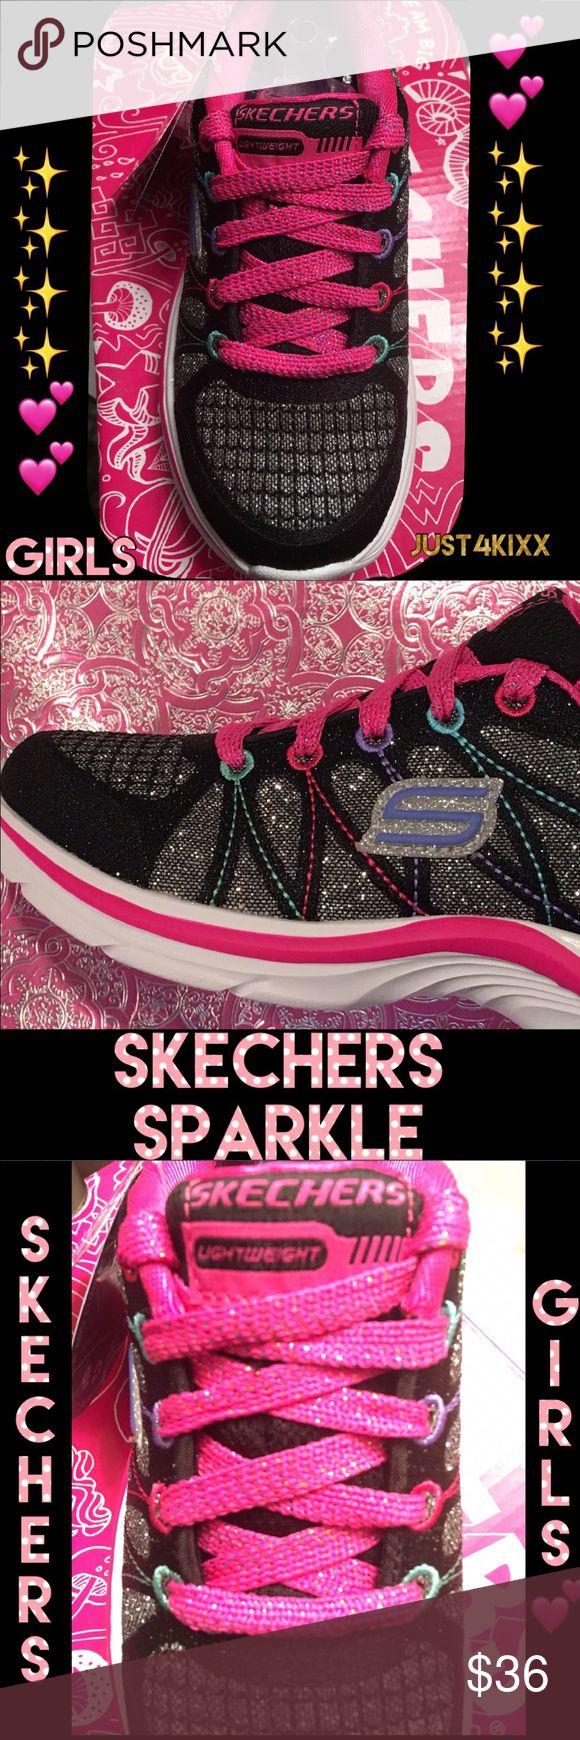 New Girls Skechers Sneakers She'll ❤️ Skechers Sparkle 💕 Skechers Shoes Sneakers